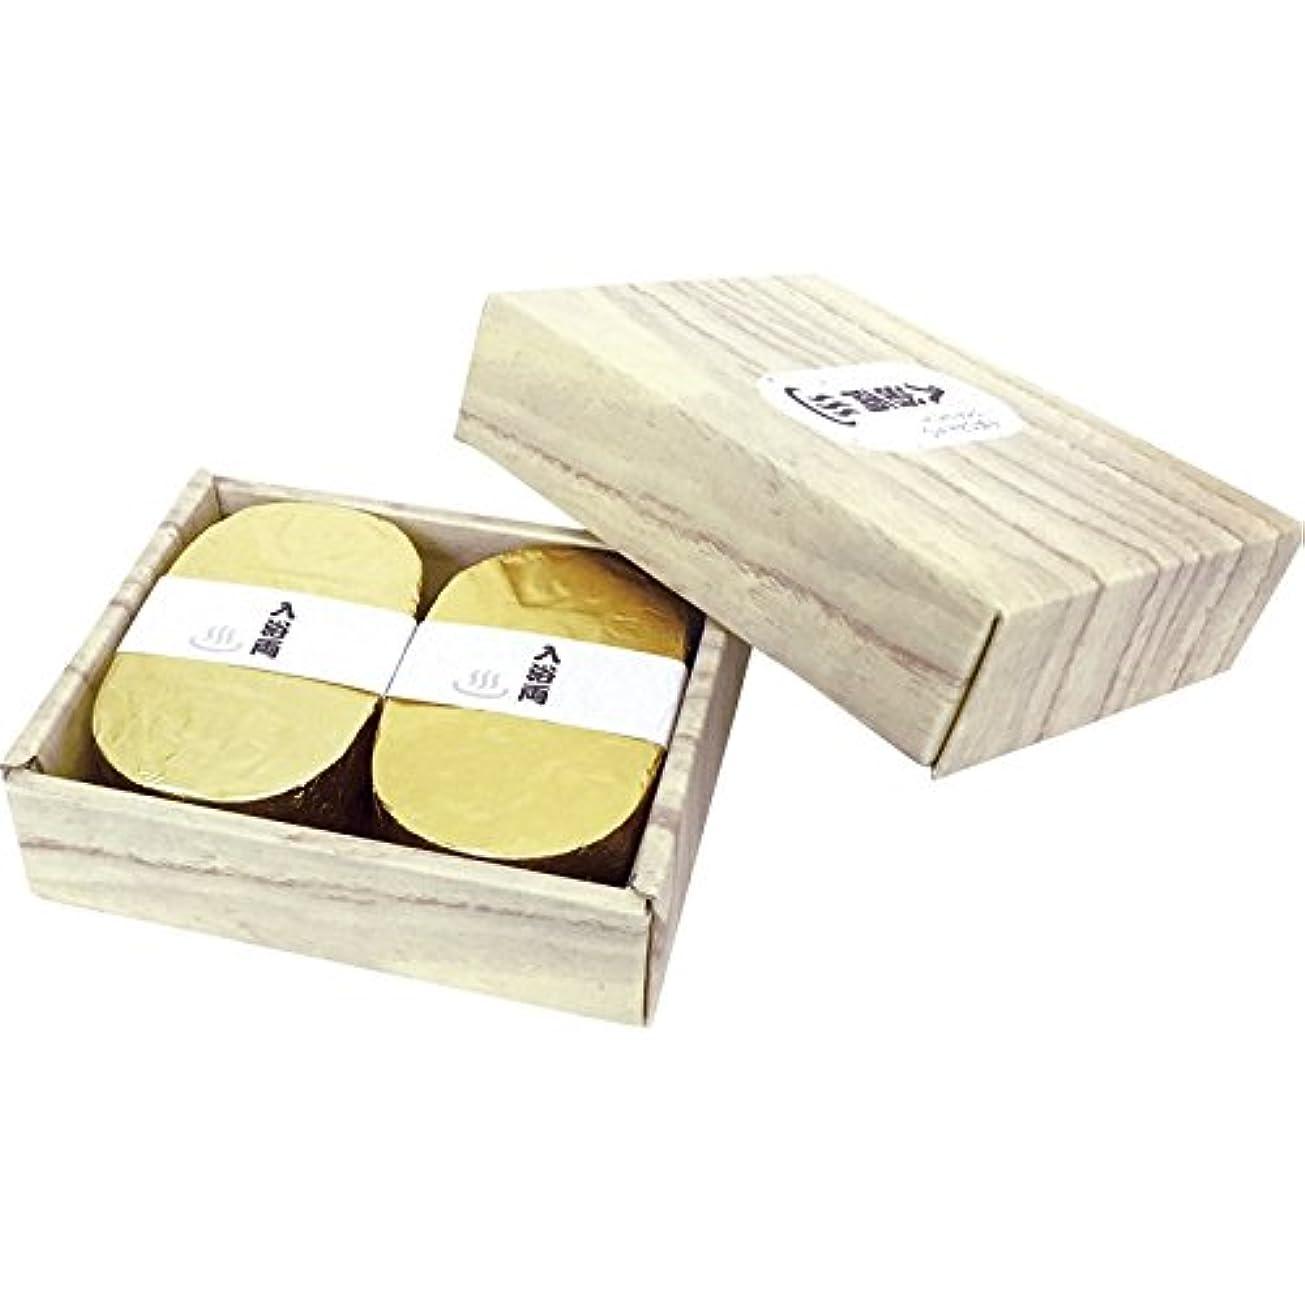 部芽マラウイ小判型バスボム入浴両2個入り 【ばすぼむ お風呂 おふろ にゅうよくざい こばん 金色 個性的 おもしろギフト おもしろ雑貨 いんぱくと 550】